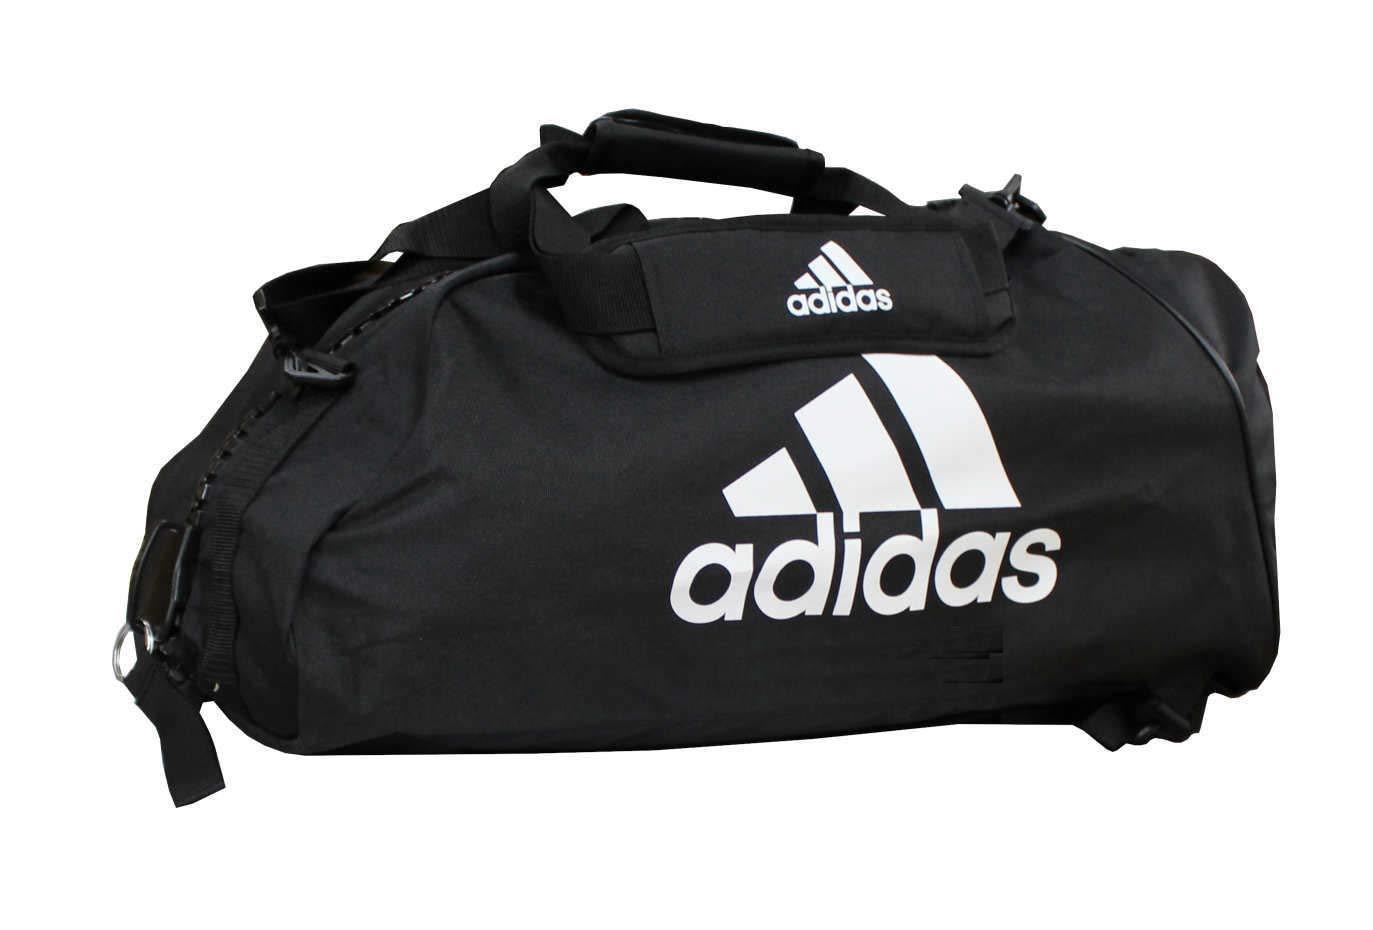 9b6f5290101a31 4Fighter Gymbag PRO extra groß e Trainingstasche mit vielen kleinen Taschen  schwarz/Duffelbag. Verkauf. adidas Sporttasche - Sportrucksack  schwarz/Weiss, ...